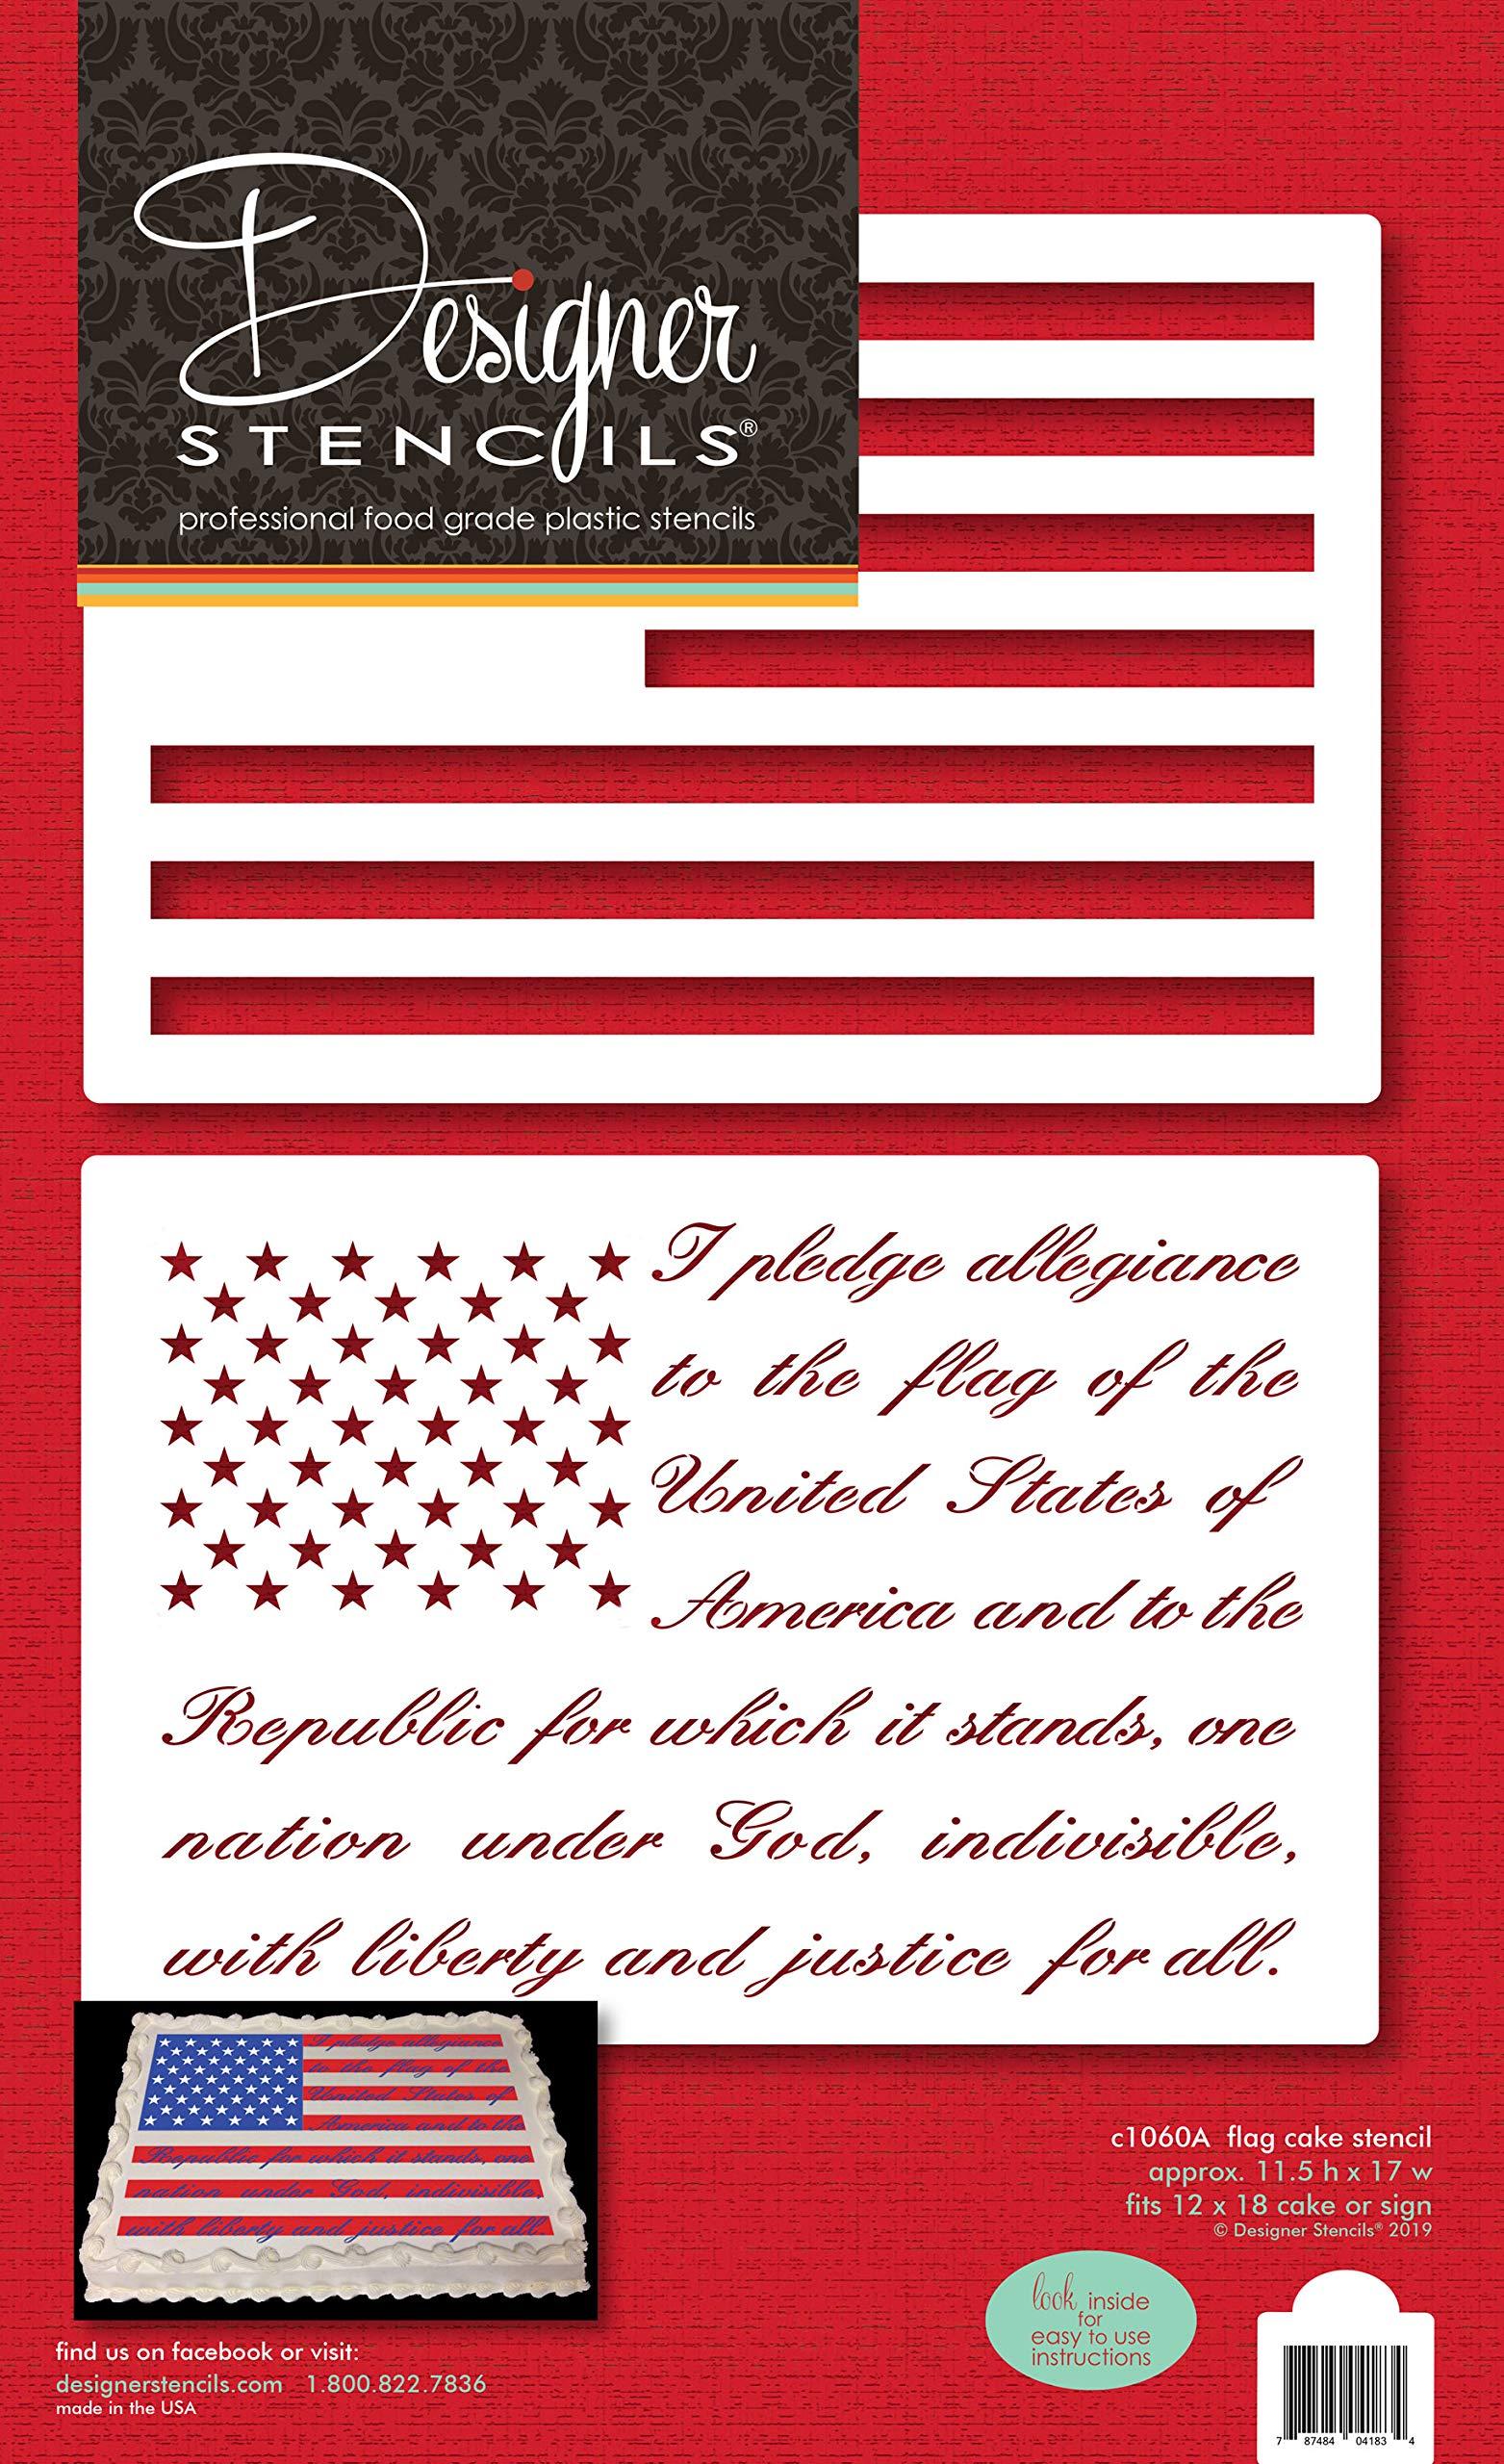 Pledge of Allegiance Flag Cake/Craft Stencil by Designer Stencils (Image #5)